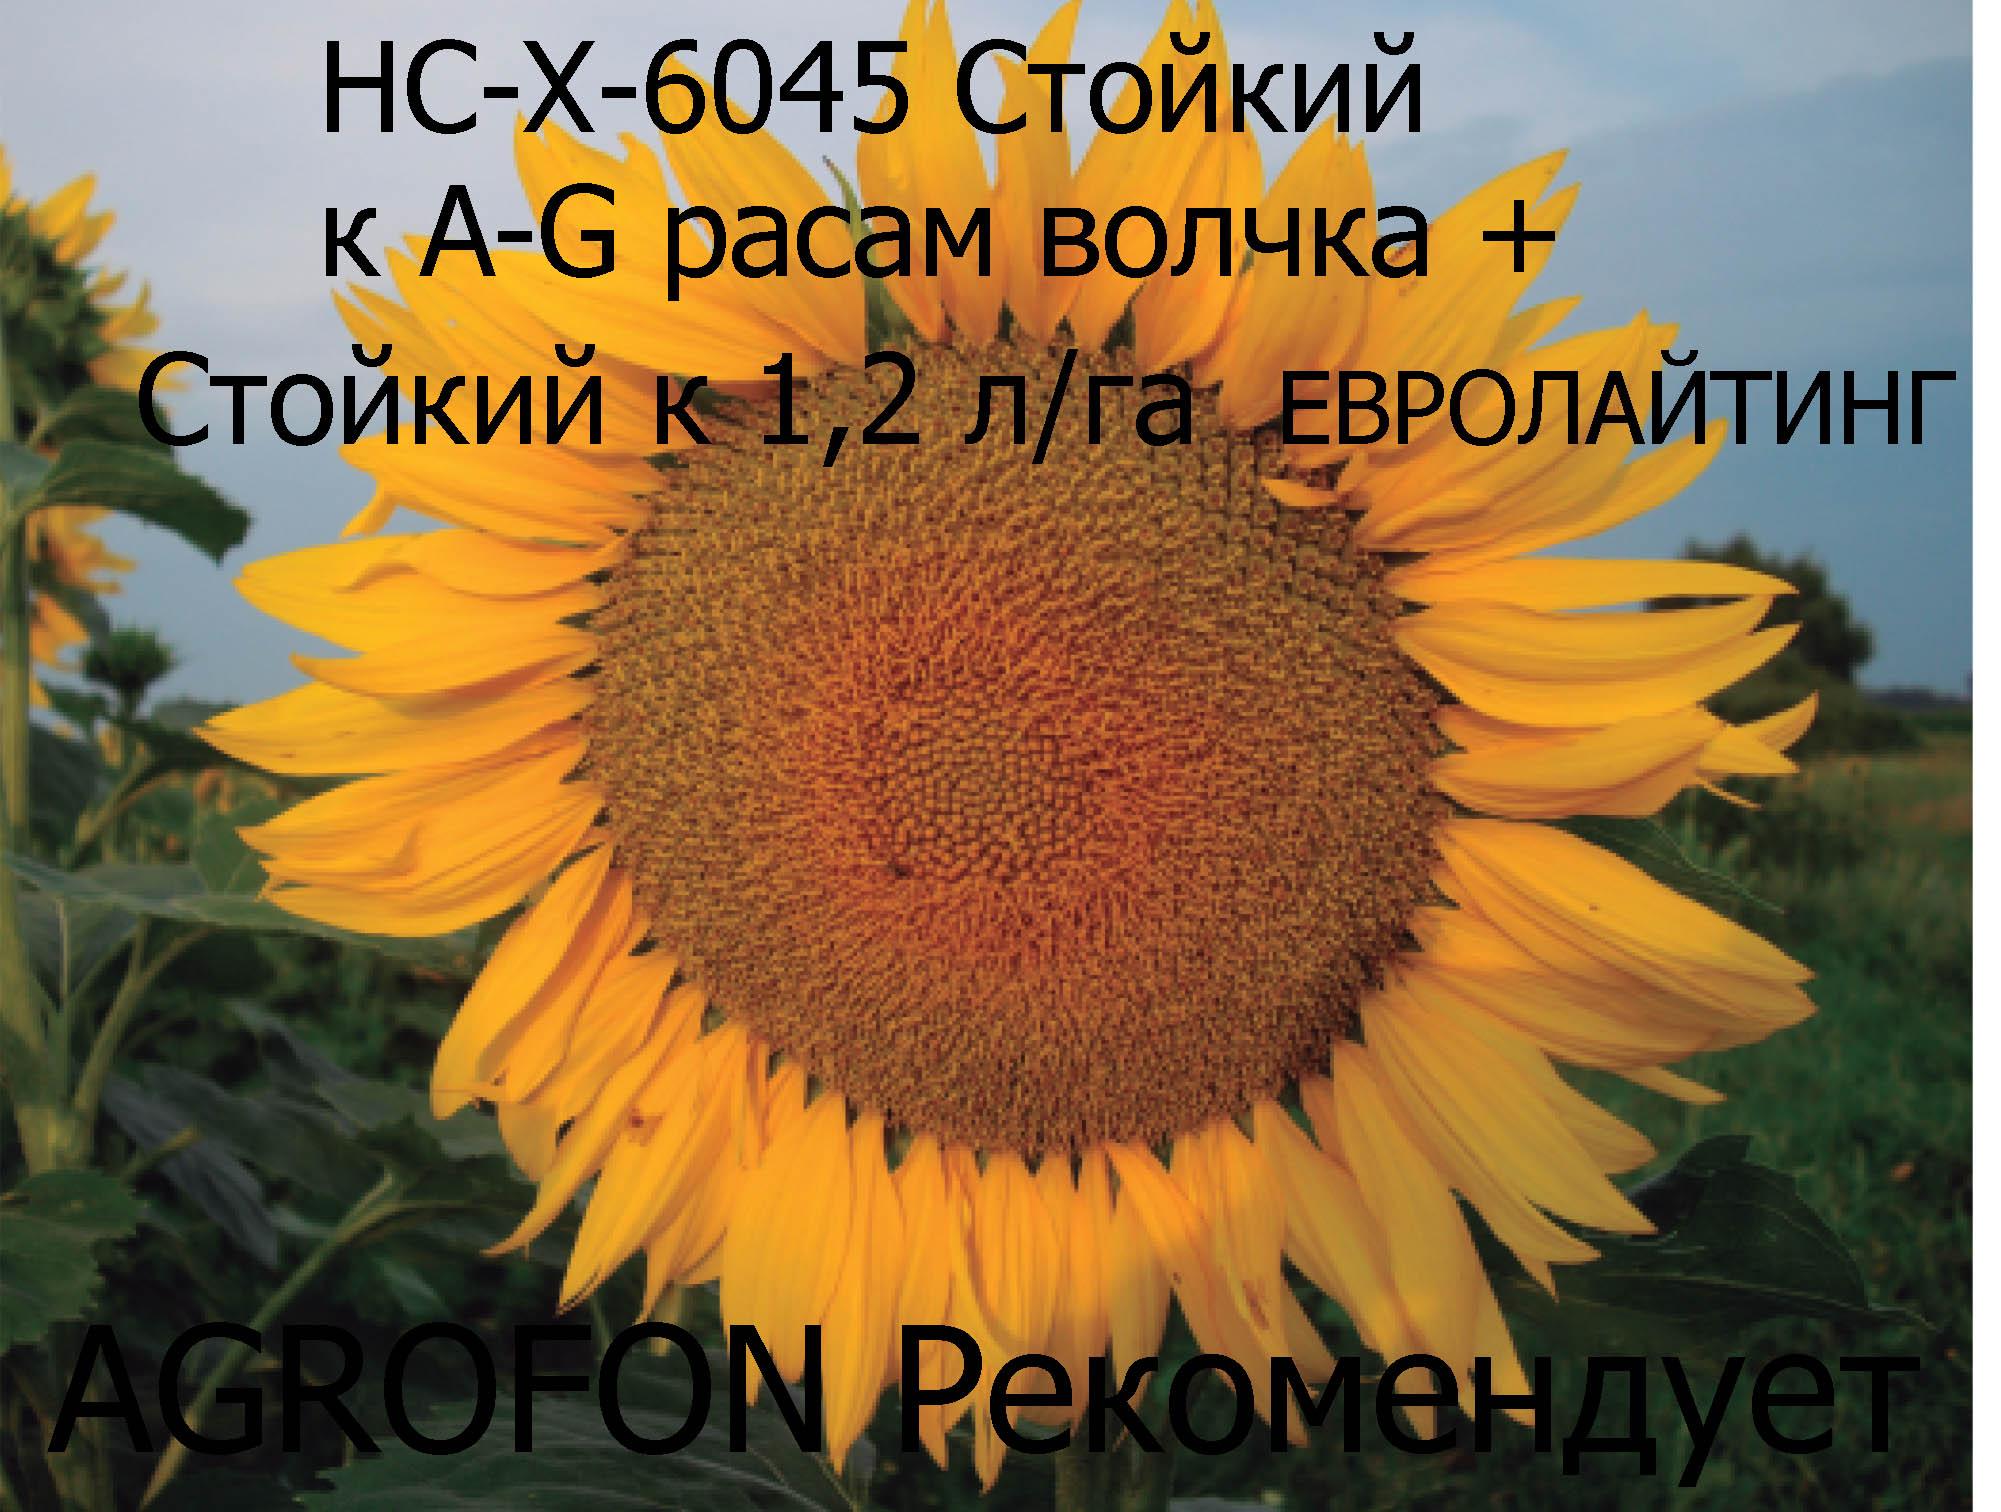 подсолнечник 6045, подсолнечник НС-Х-6045